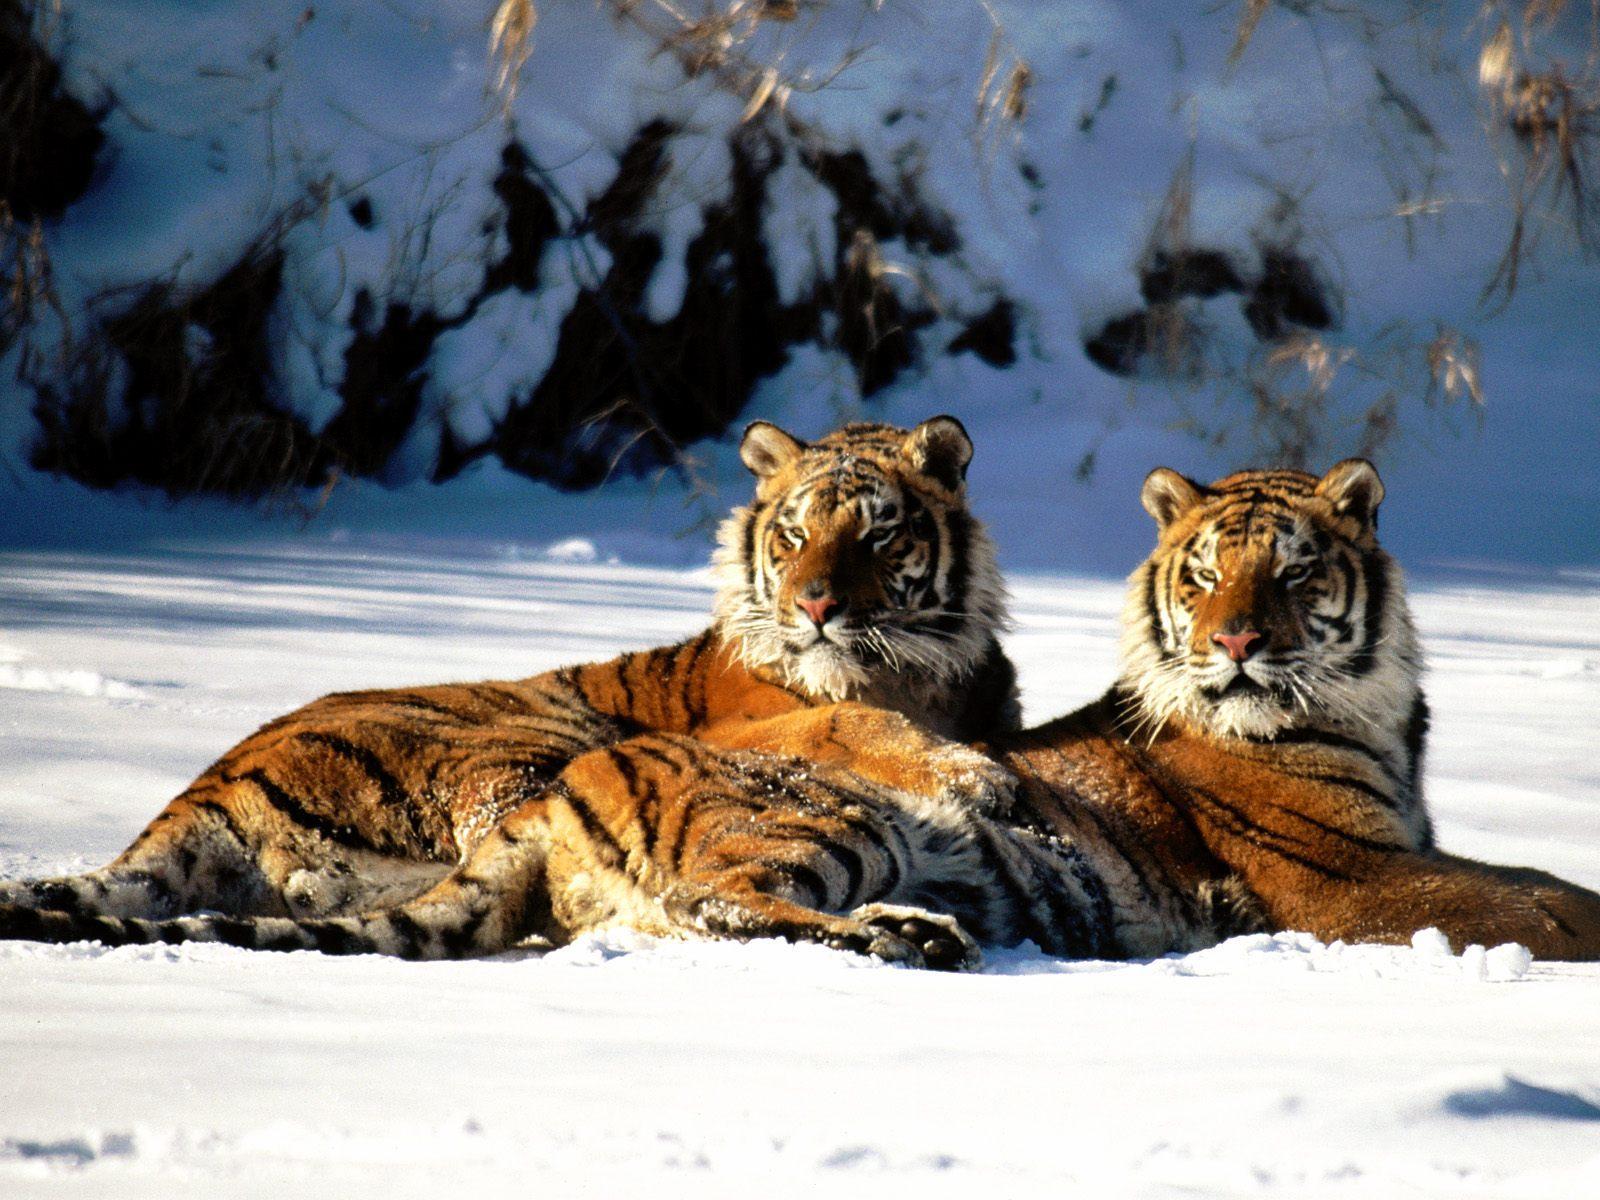 http://2.bp.blogspot.com/-HwFd-vdI_iM/UHfrpkYWqeI/AAAAAAAAIAo/zW2vRYnXZWk/s1600/Tiger+Photos+3dwallpaper2013.blogspot.com+45.jpg